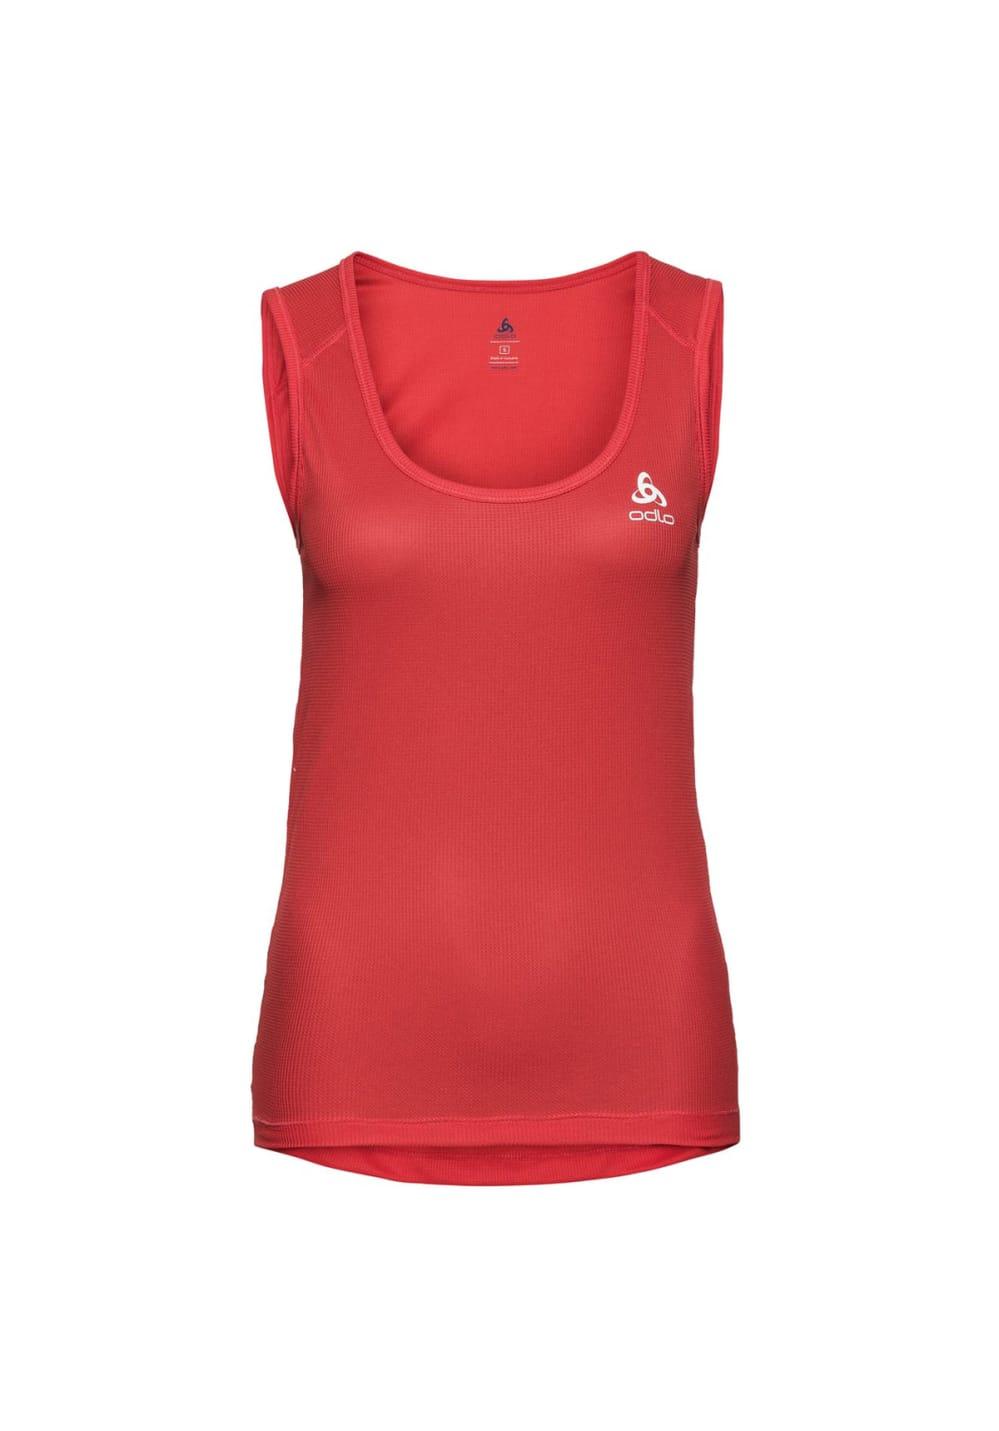 Sportmode für Frauen - Odlo Singlet Crew Neck Special Cubic St Laufshirts für Damen Rot  - Onlineshop 21Run